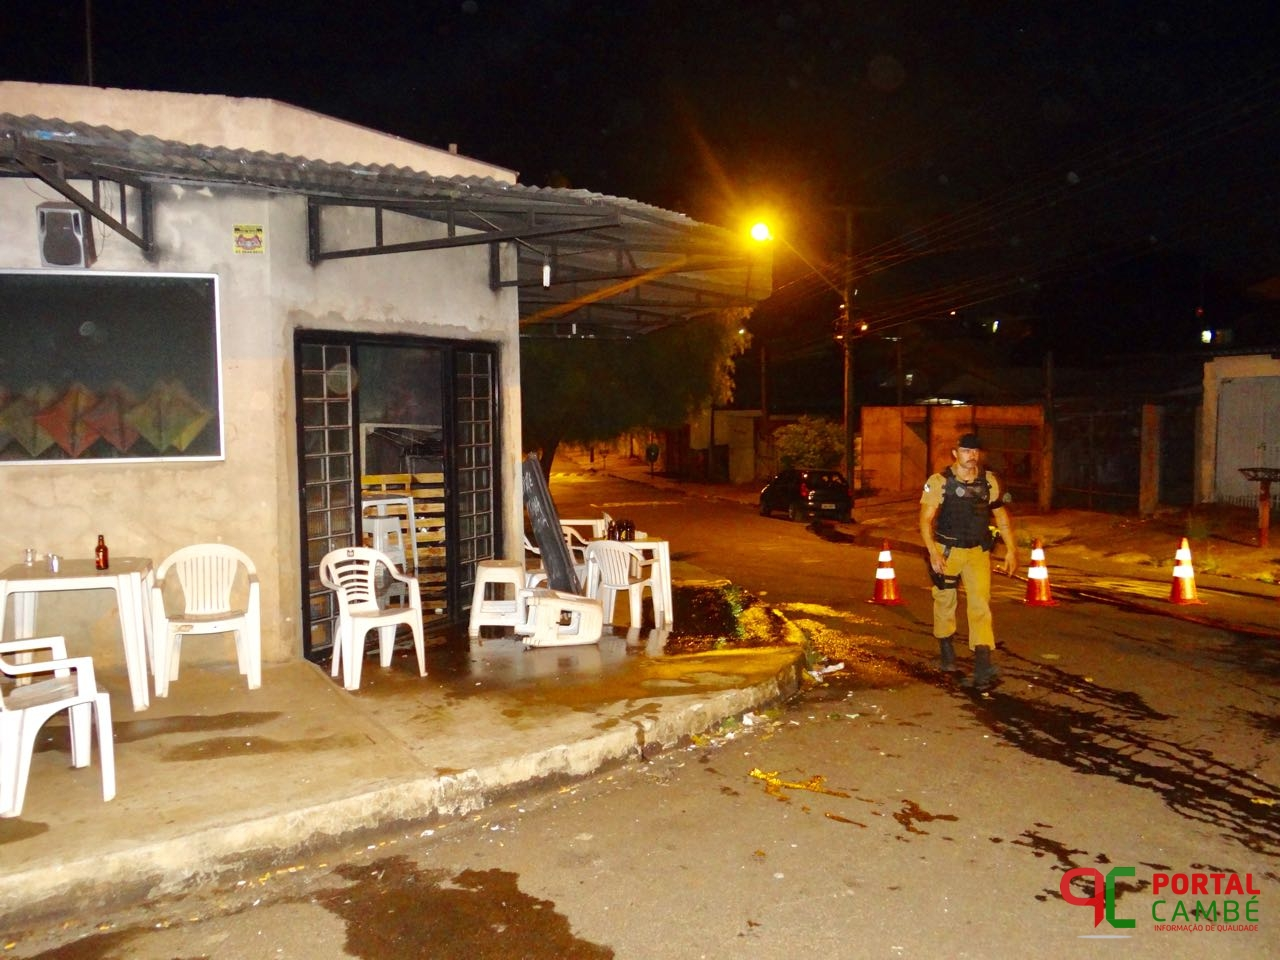 Bar é alvo de disparos de arma de fogo e incêndio no Jardim Tupi em Cambé, uma mulher fica ferida